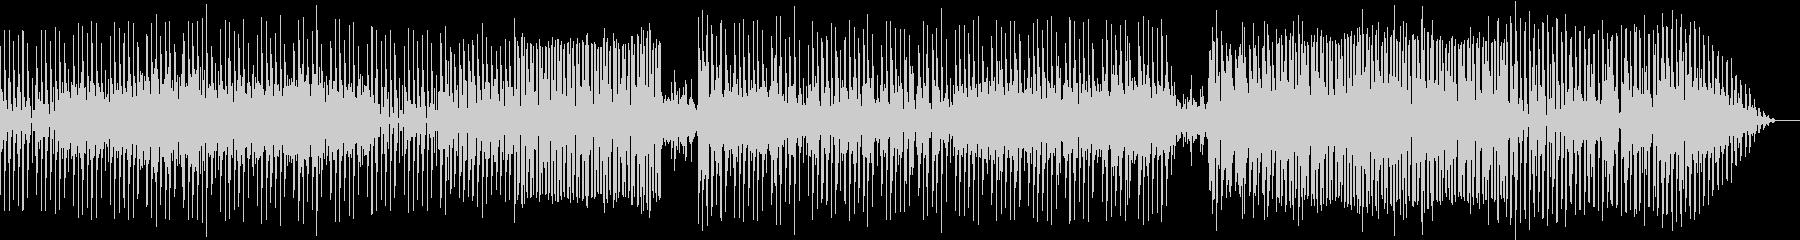 ダンサンブルでクールなエレクトロの未再生の波形